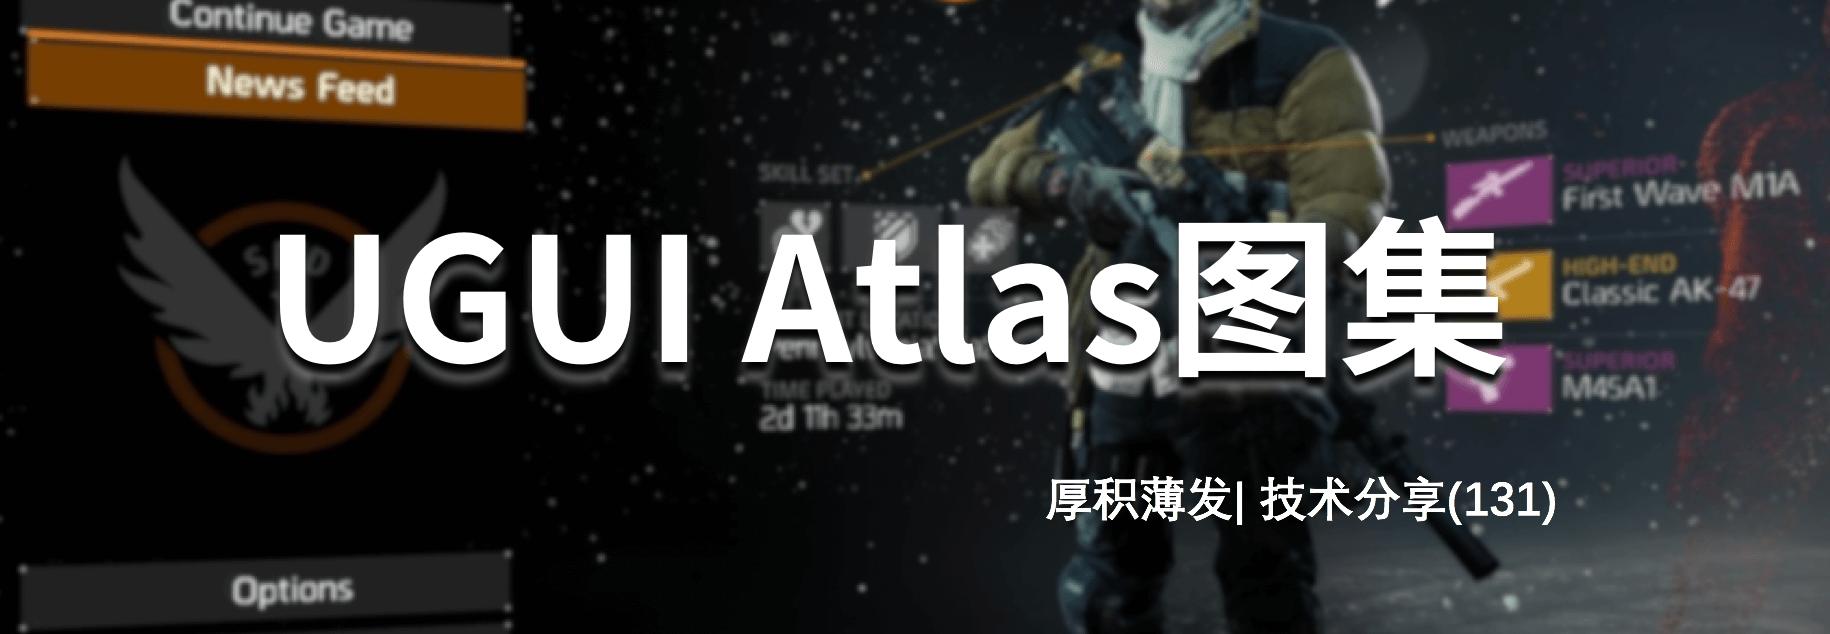 如何理解UGUI Atlas合批时的 Include in Build选项?